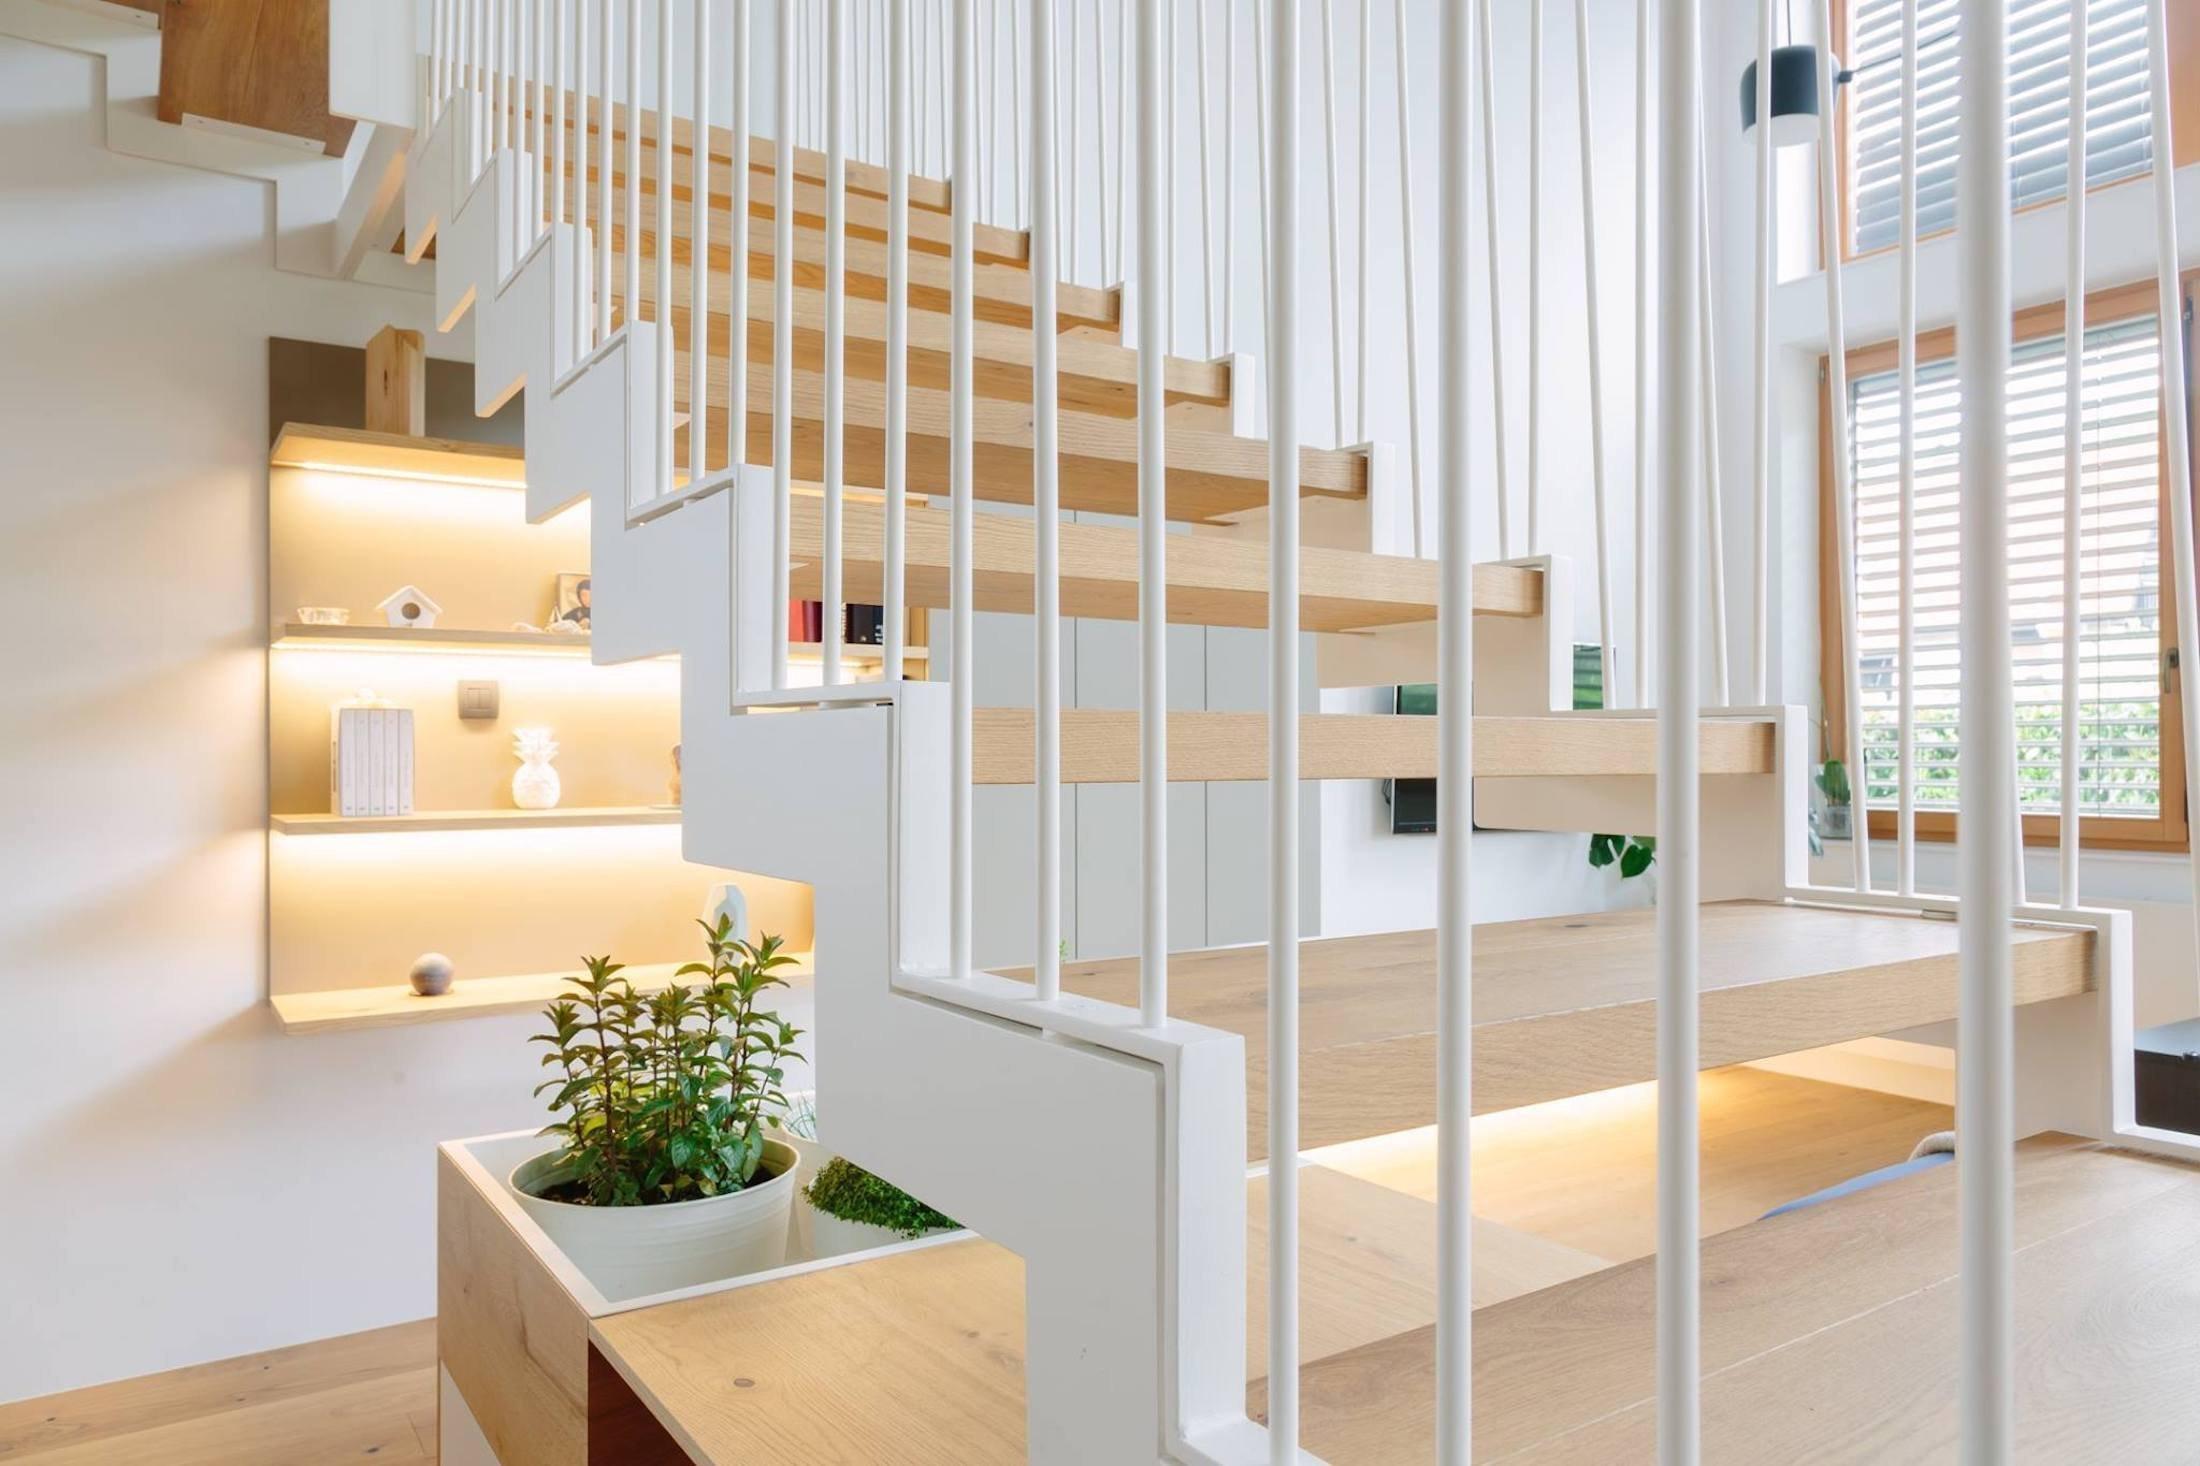 Pokud máte chuť a prostor, mohou se schody stát doslova ozdobou interiéru